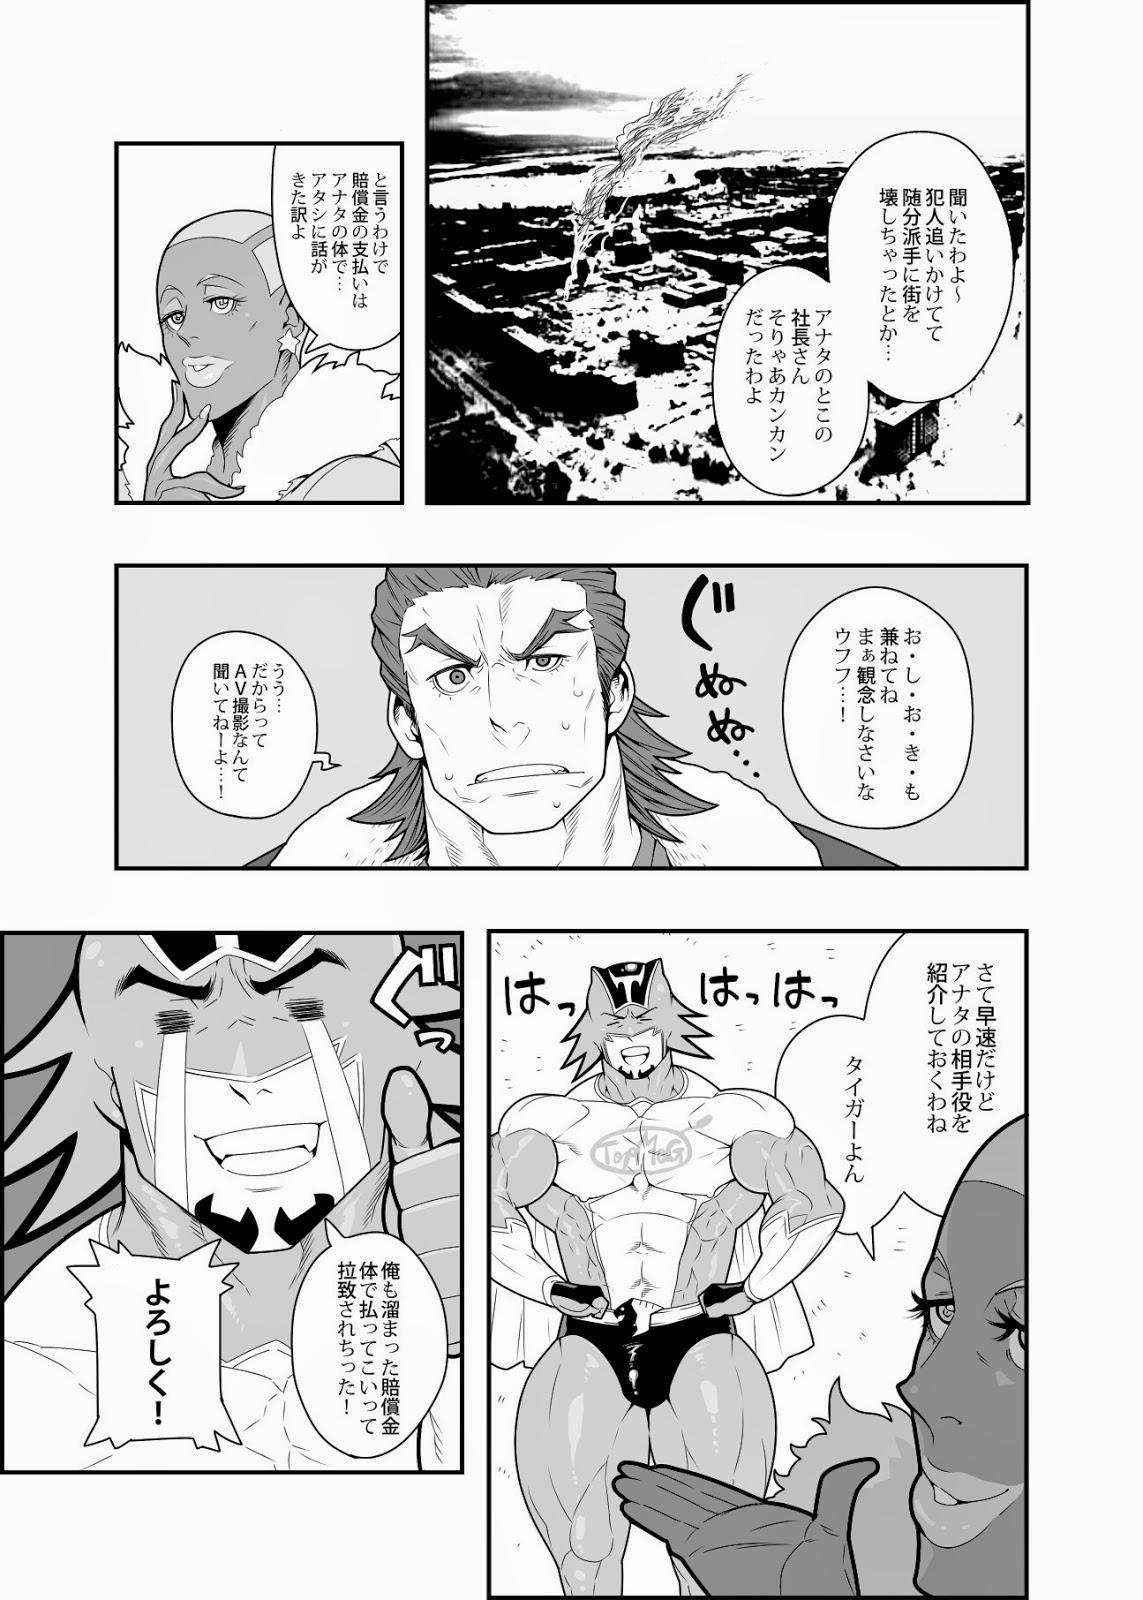 Gyuu-san no ichibanshibori 4